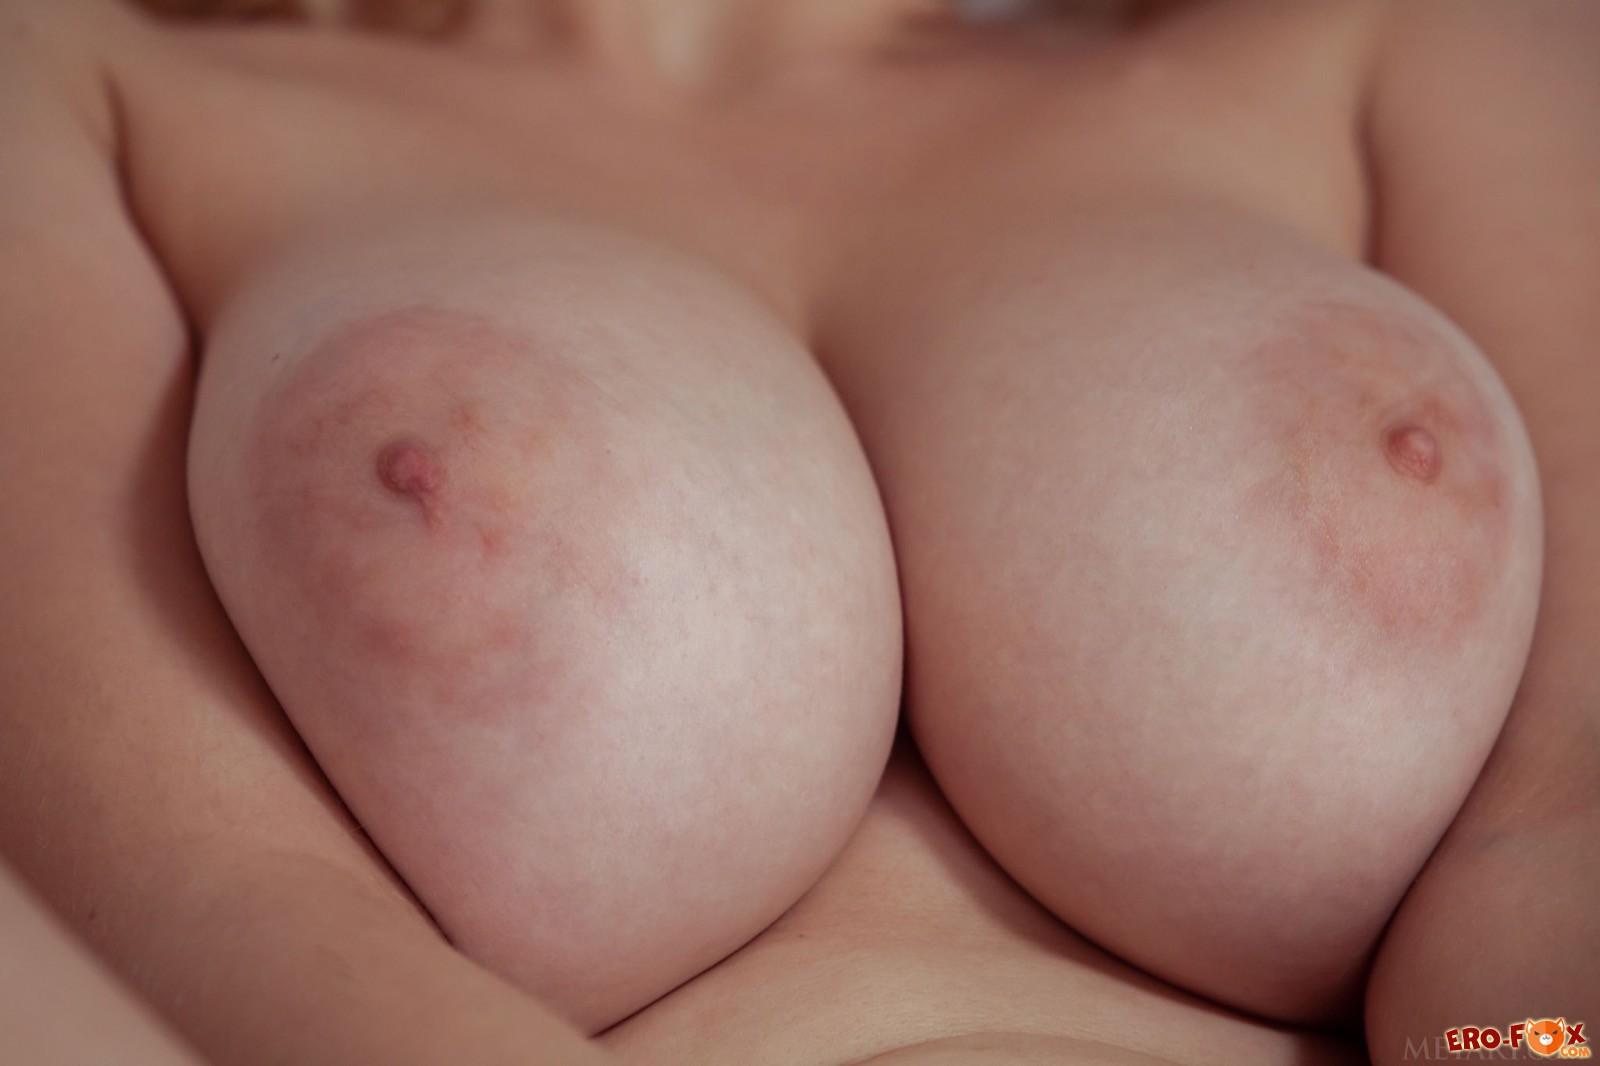 Натуральные дойки сексапильной девушки в пеньюаре